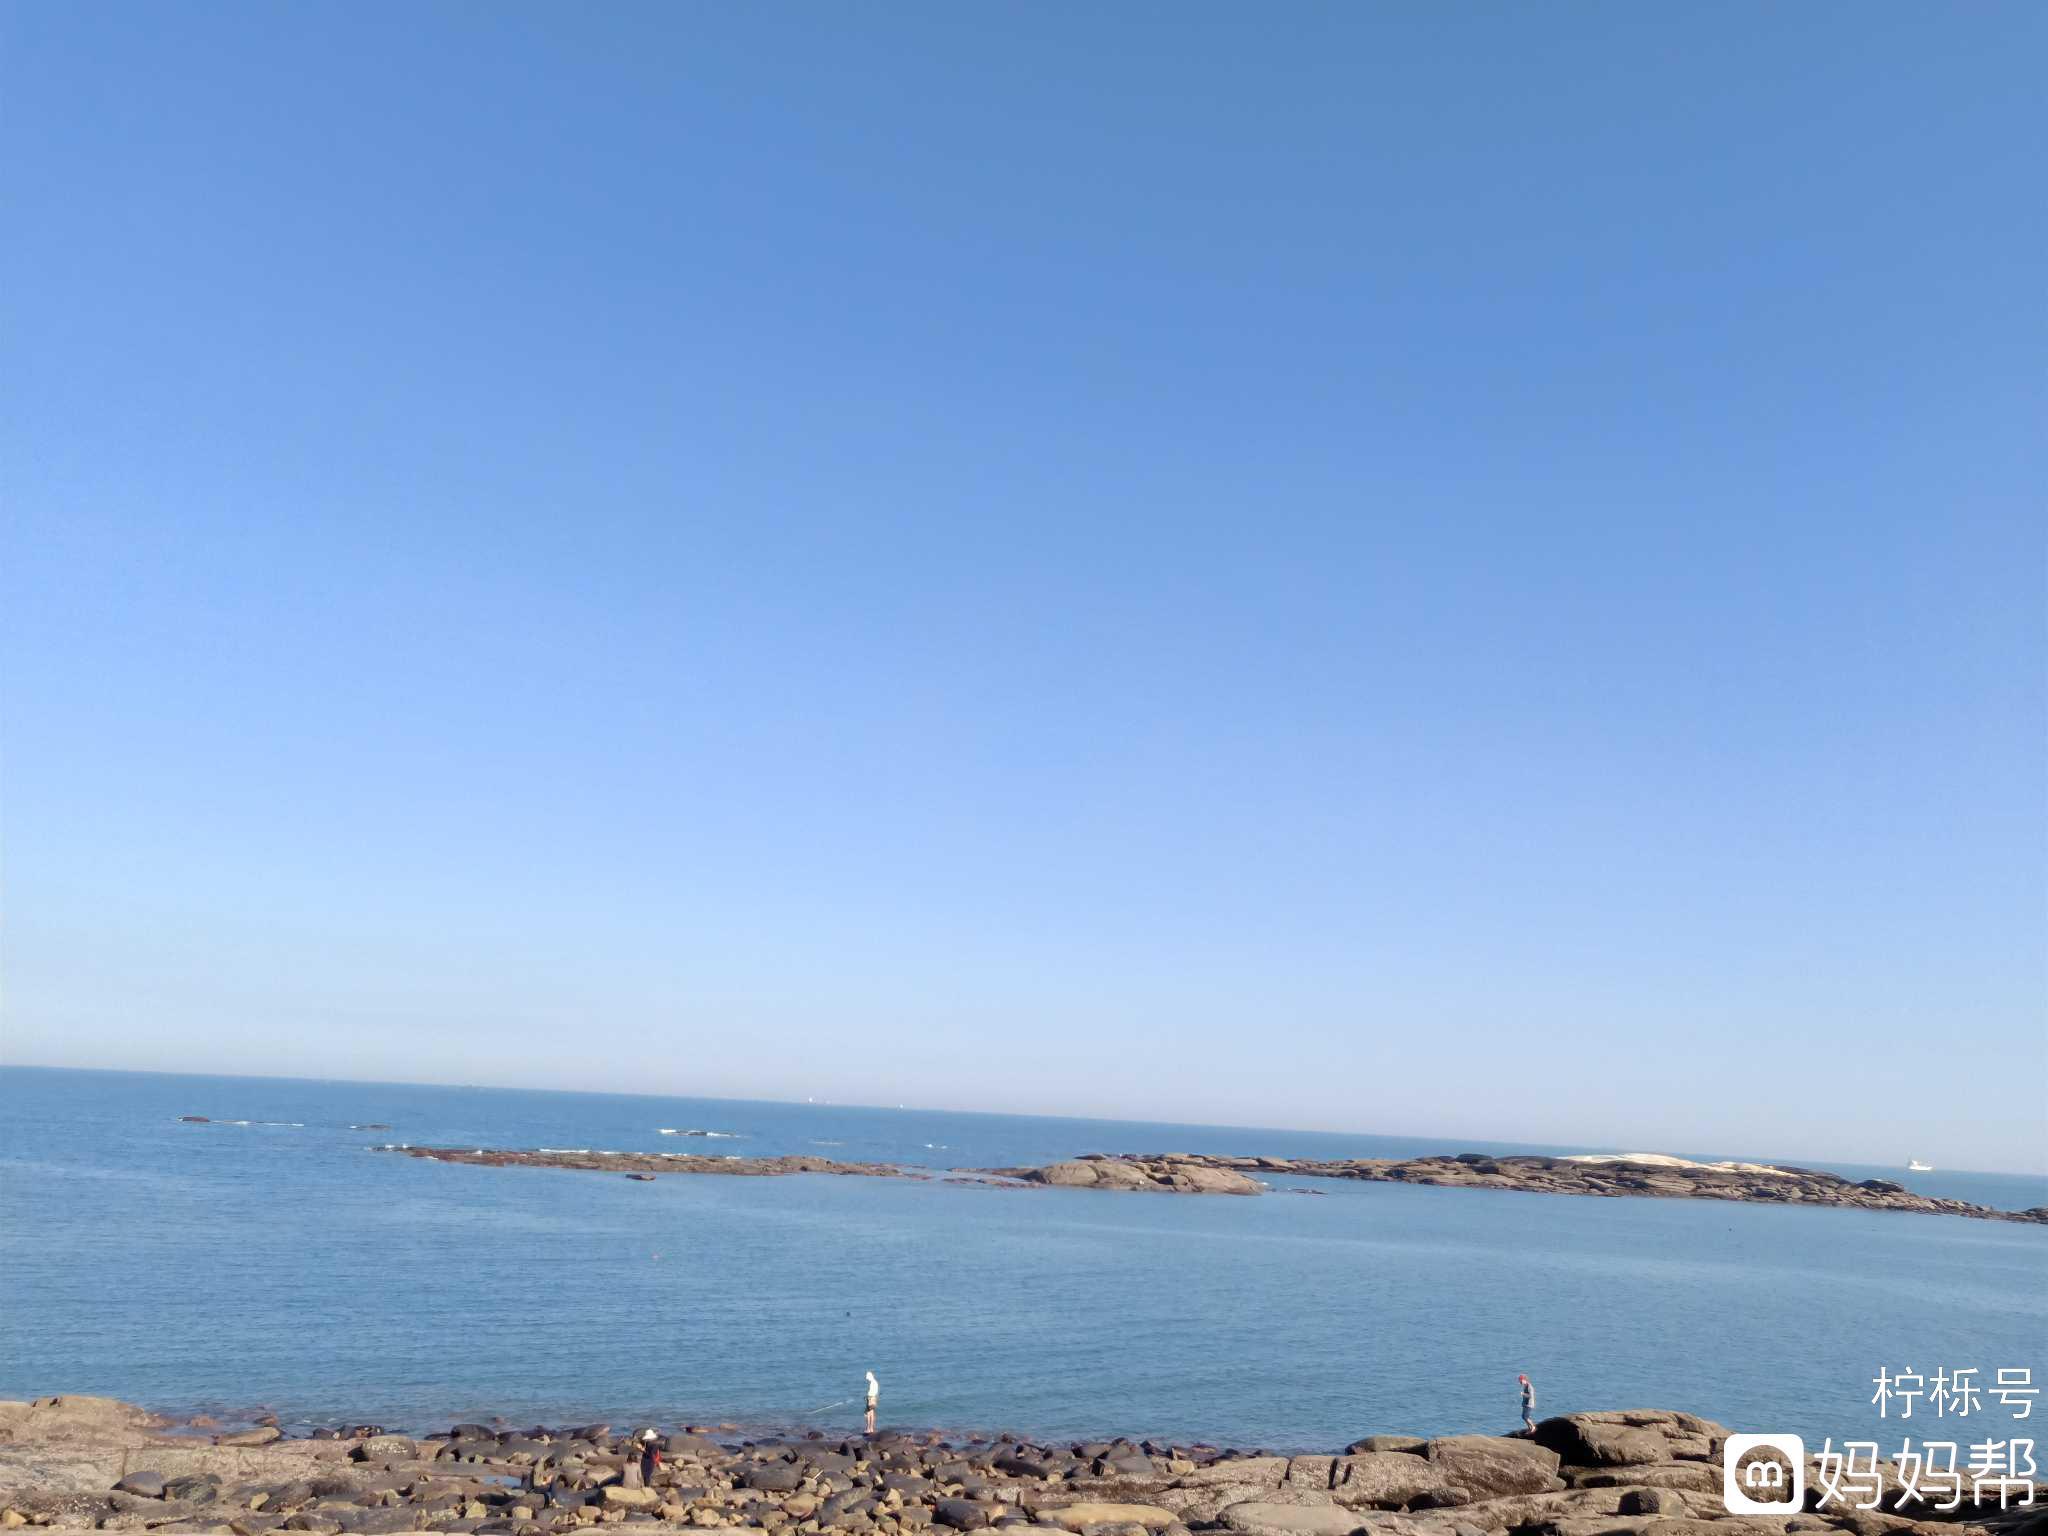 我们这的拍照圣地#位于石狮市黄金海岸